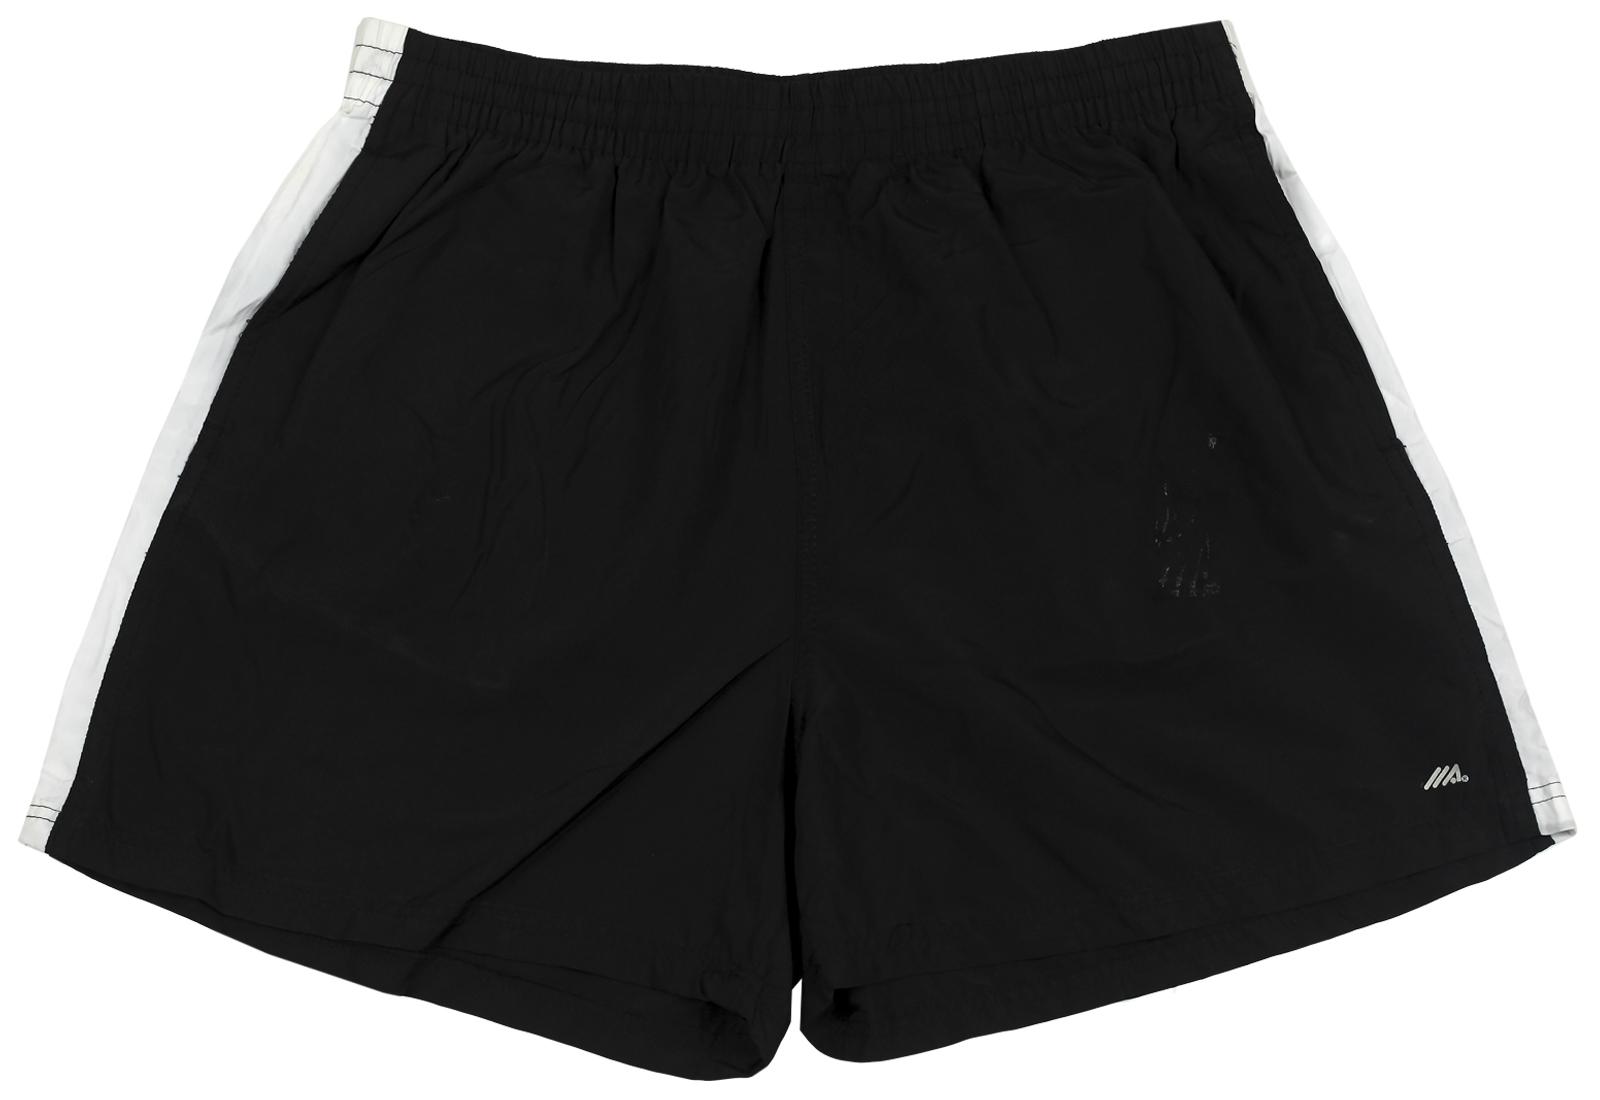 Свободные шорты Llace. Черный цвет с белой полоской